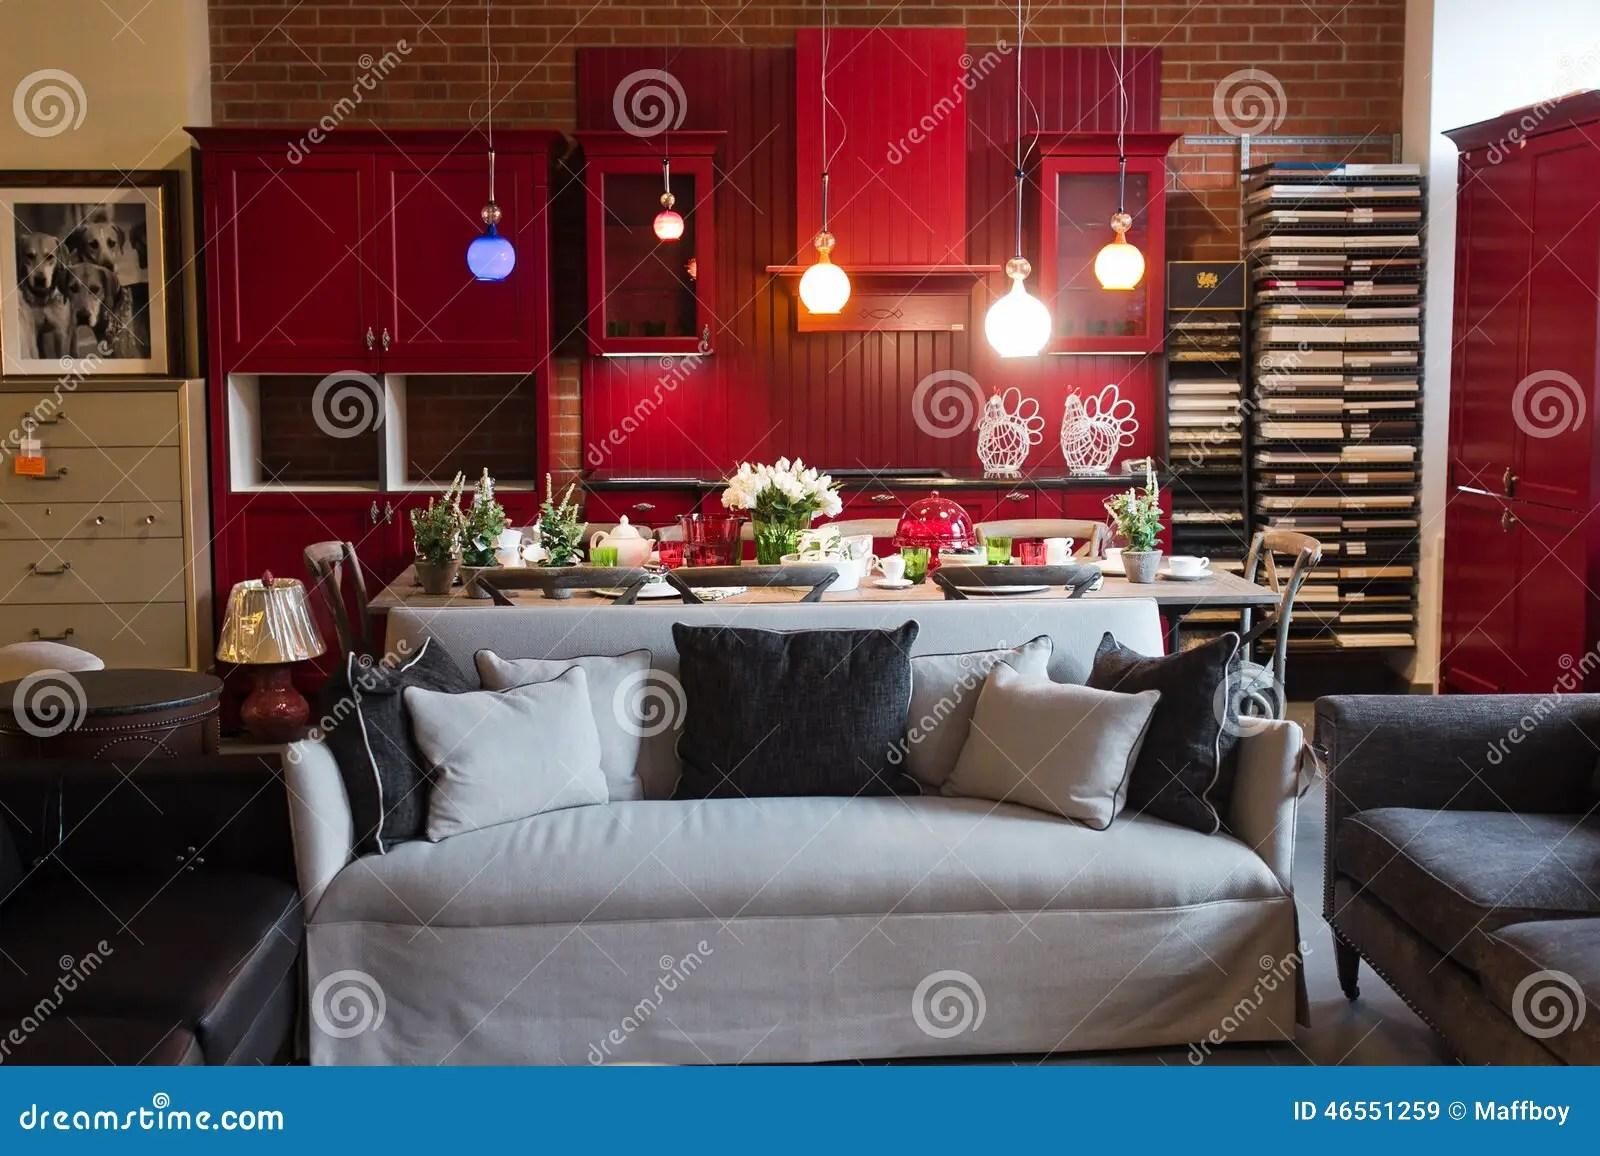 kitchen furniture store refrigerator for small 厨房室家具店编辑类库存图片 图片包括有户内 显示 框架 沙发 被登记 厨房室家具店